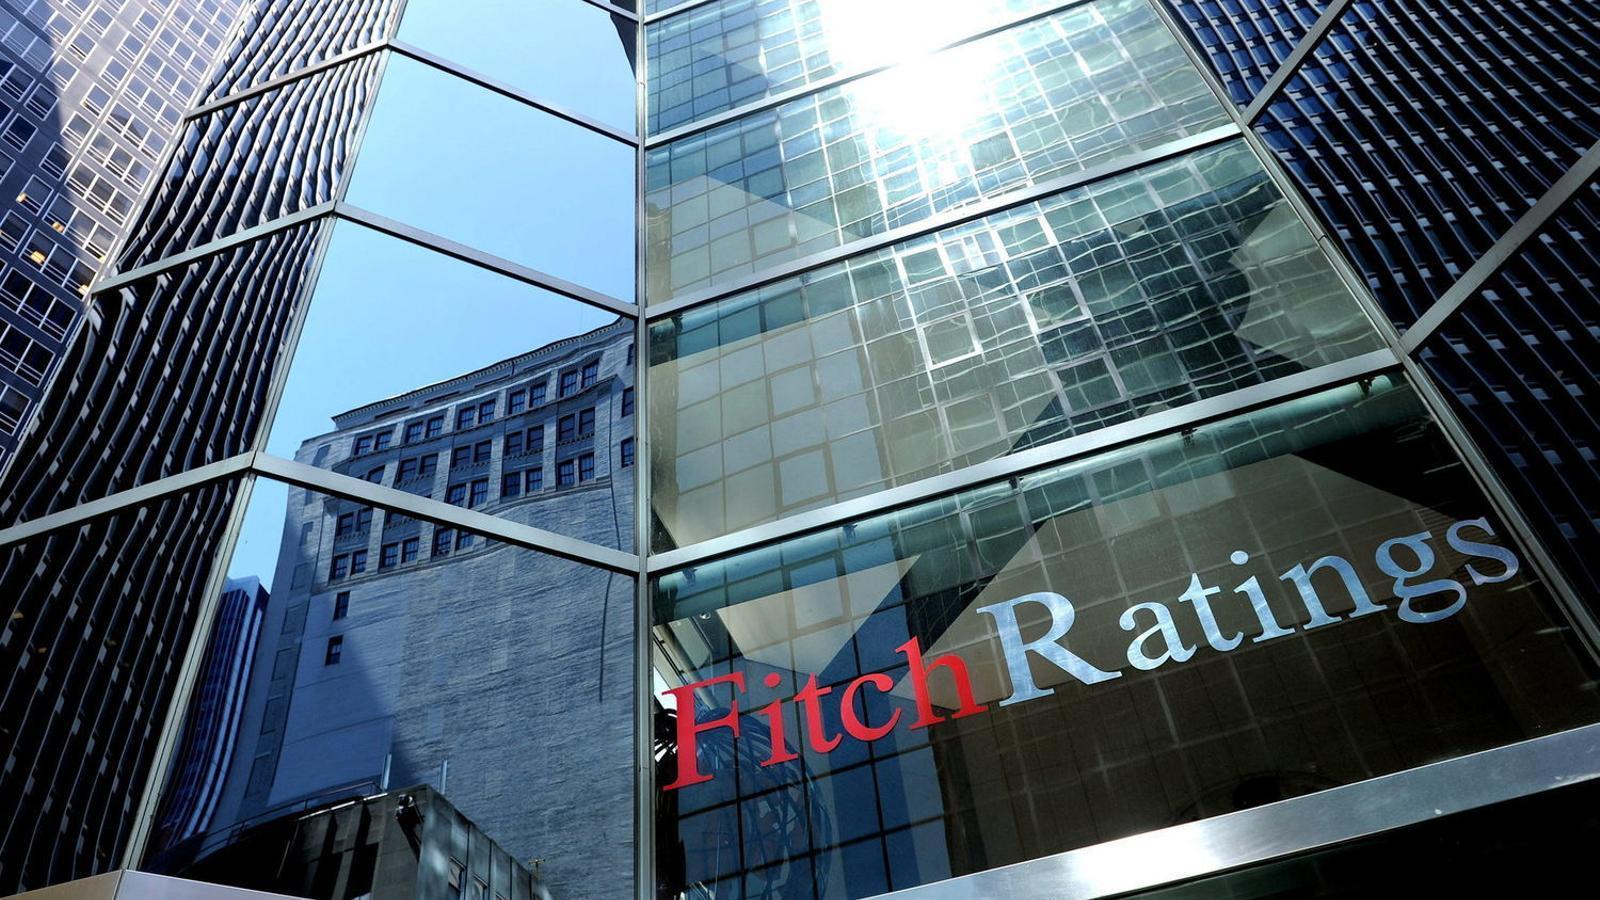 Fitch és la primera agència que puja la qualificació d'Espanya des del 2015.